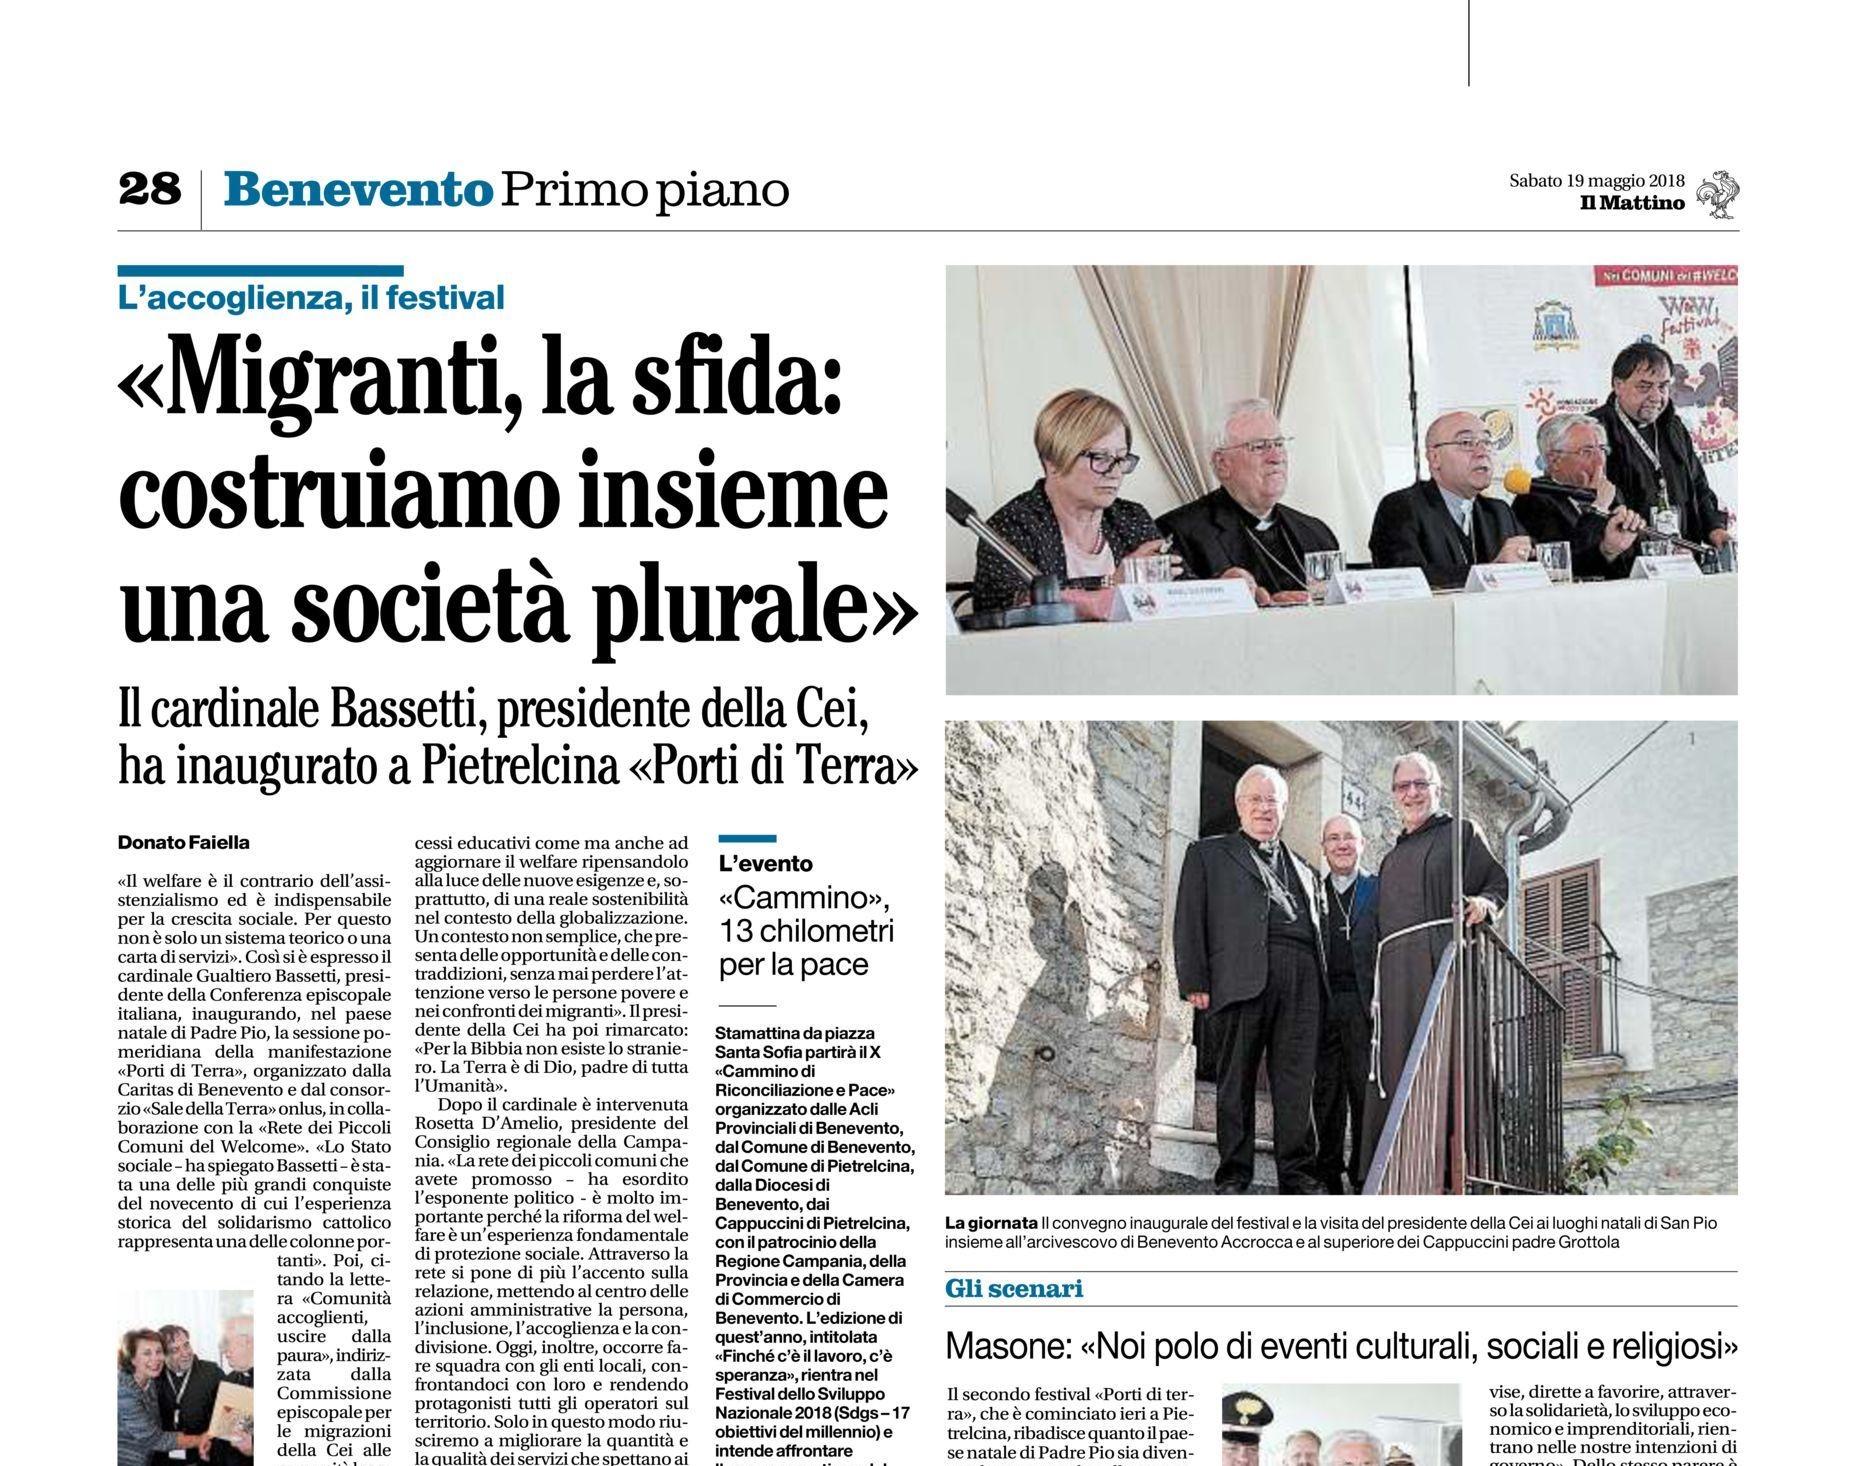 Portiditerra2018 Dicono Di Noi Caritas Benevento